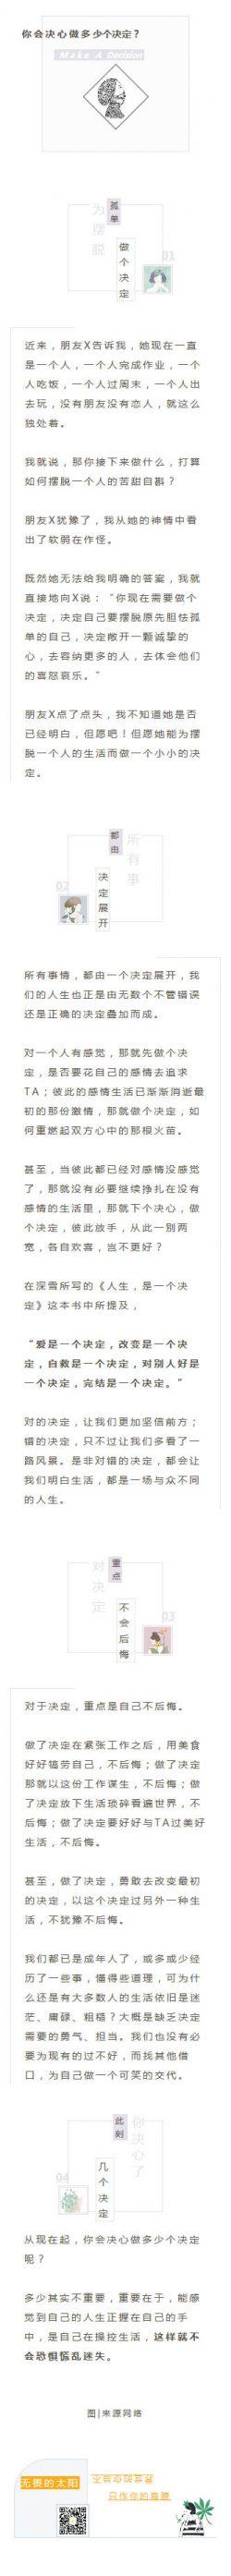 清新文艺个人公众号微信文章模板